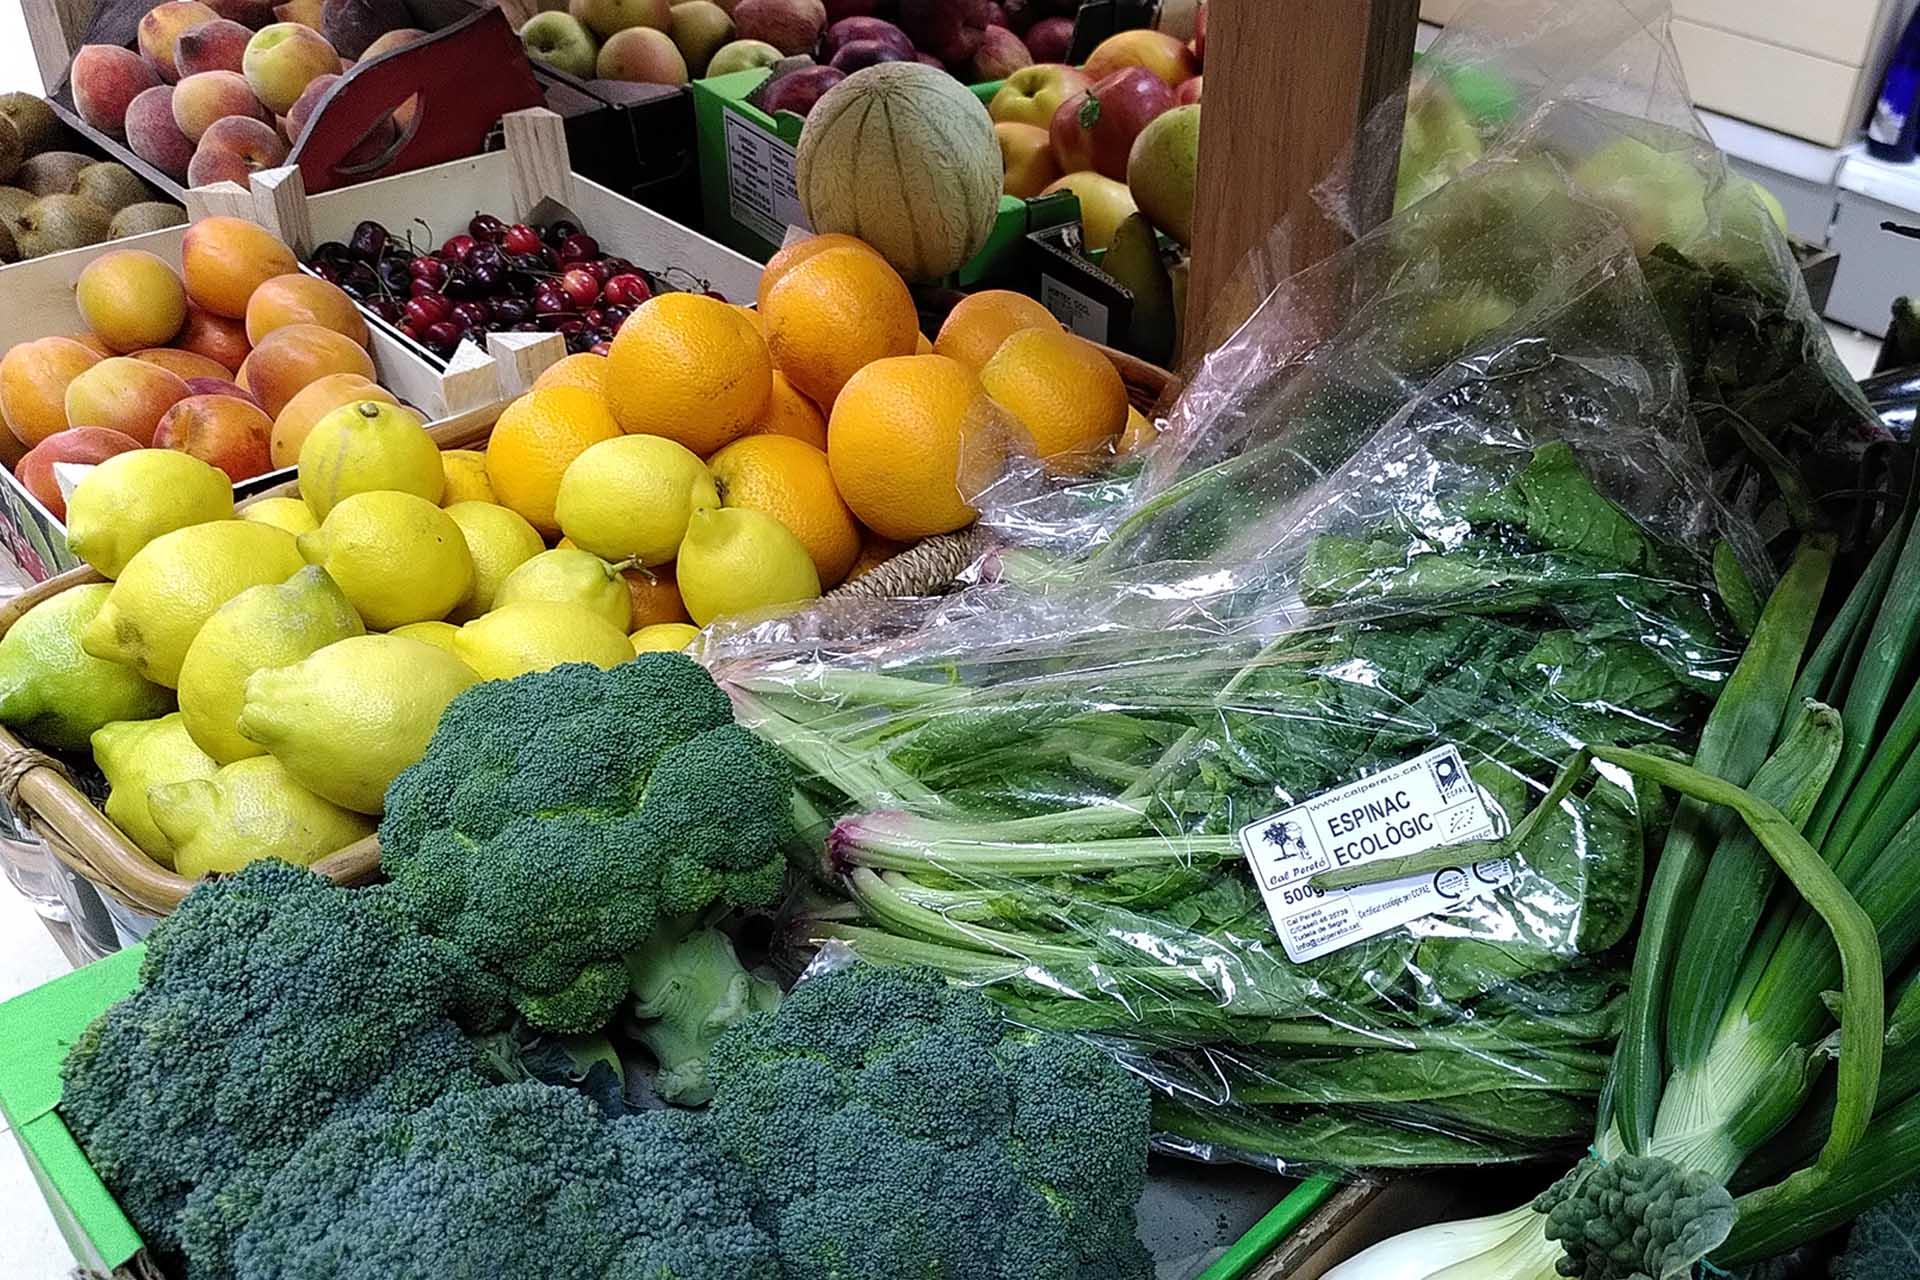 Fruta y Verdura, productos frescos y ecológicos